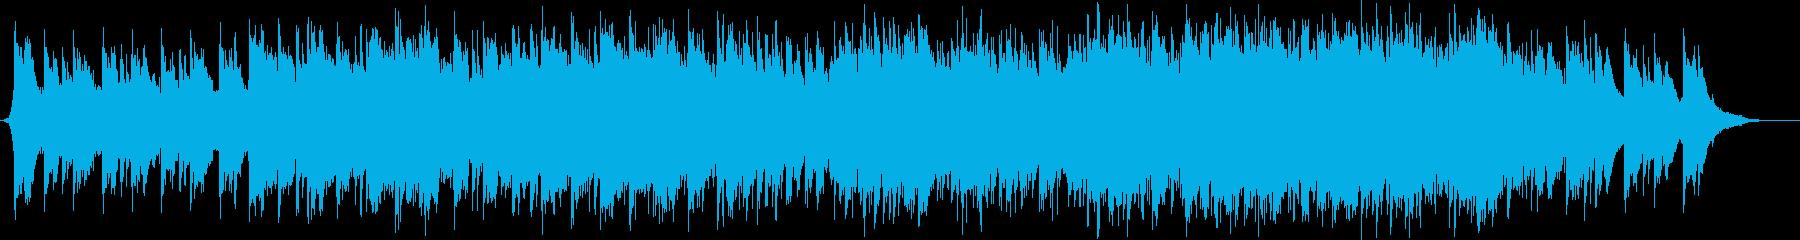 アコギがメインの幻想的な民族音楽の再生済みの波形